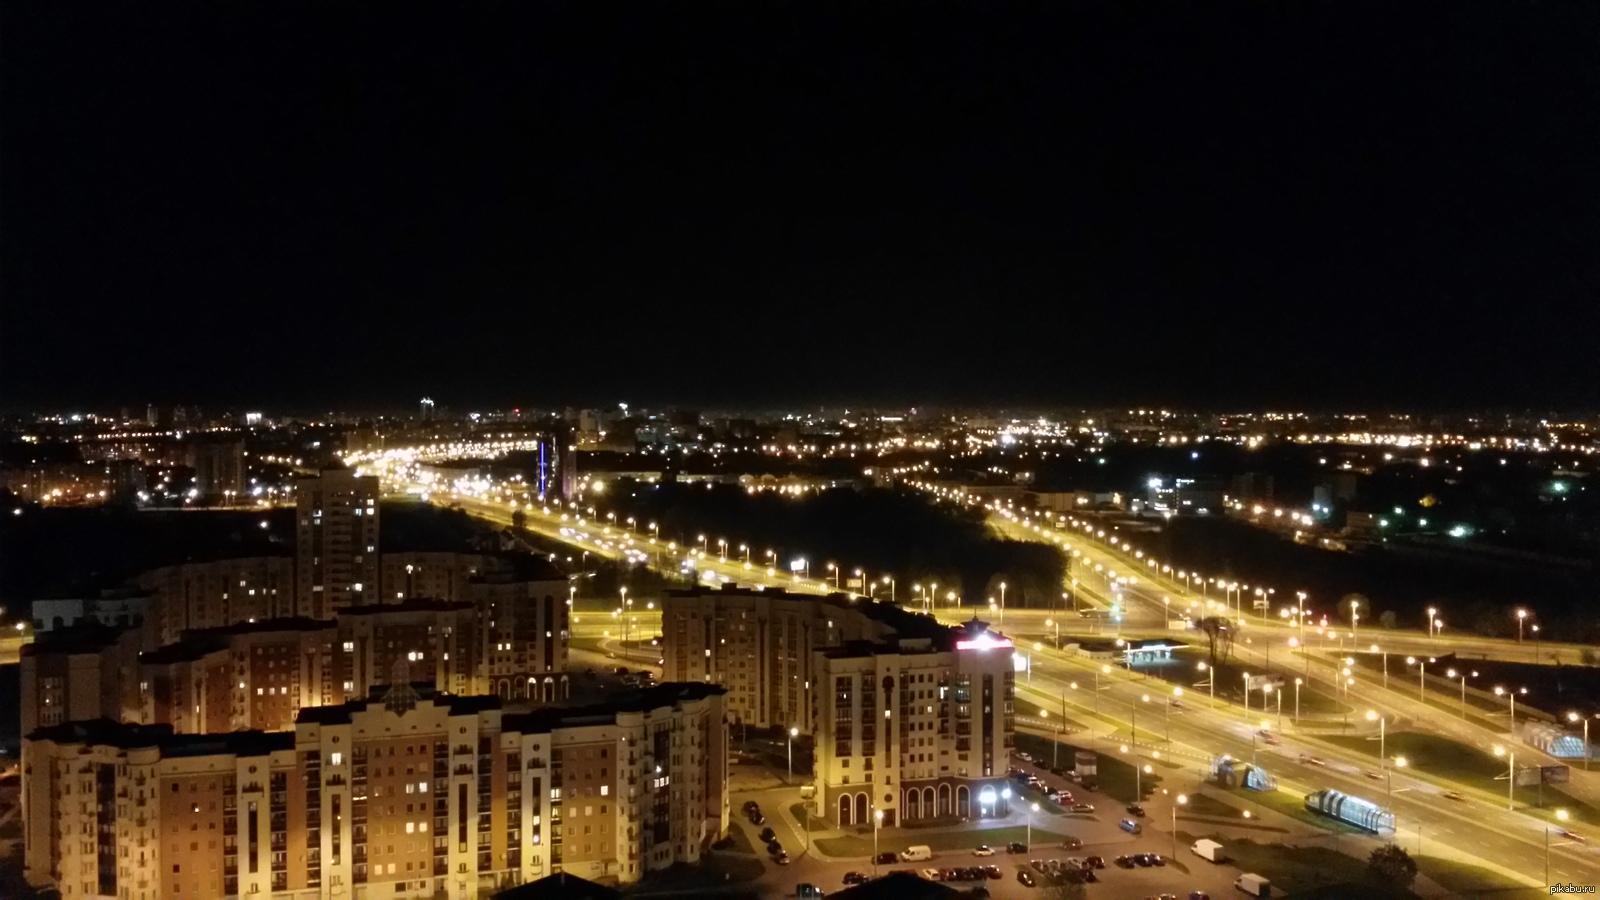 тут-то юному фото с крыши на ночной город белорусский обладательница